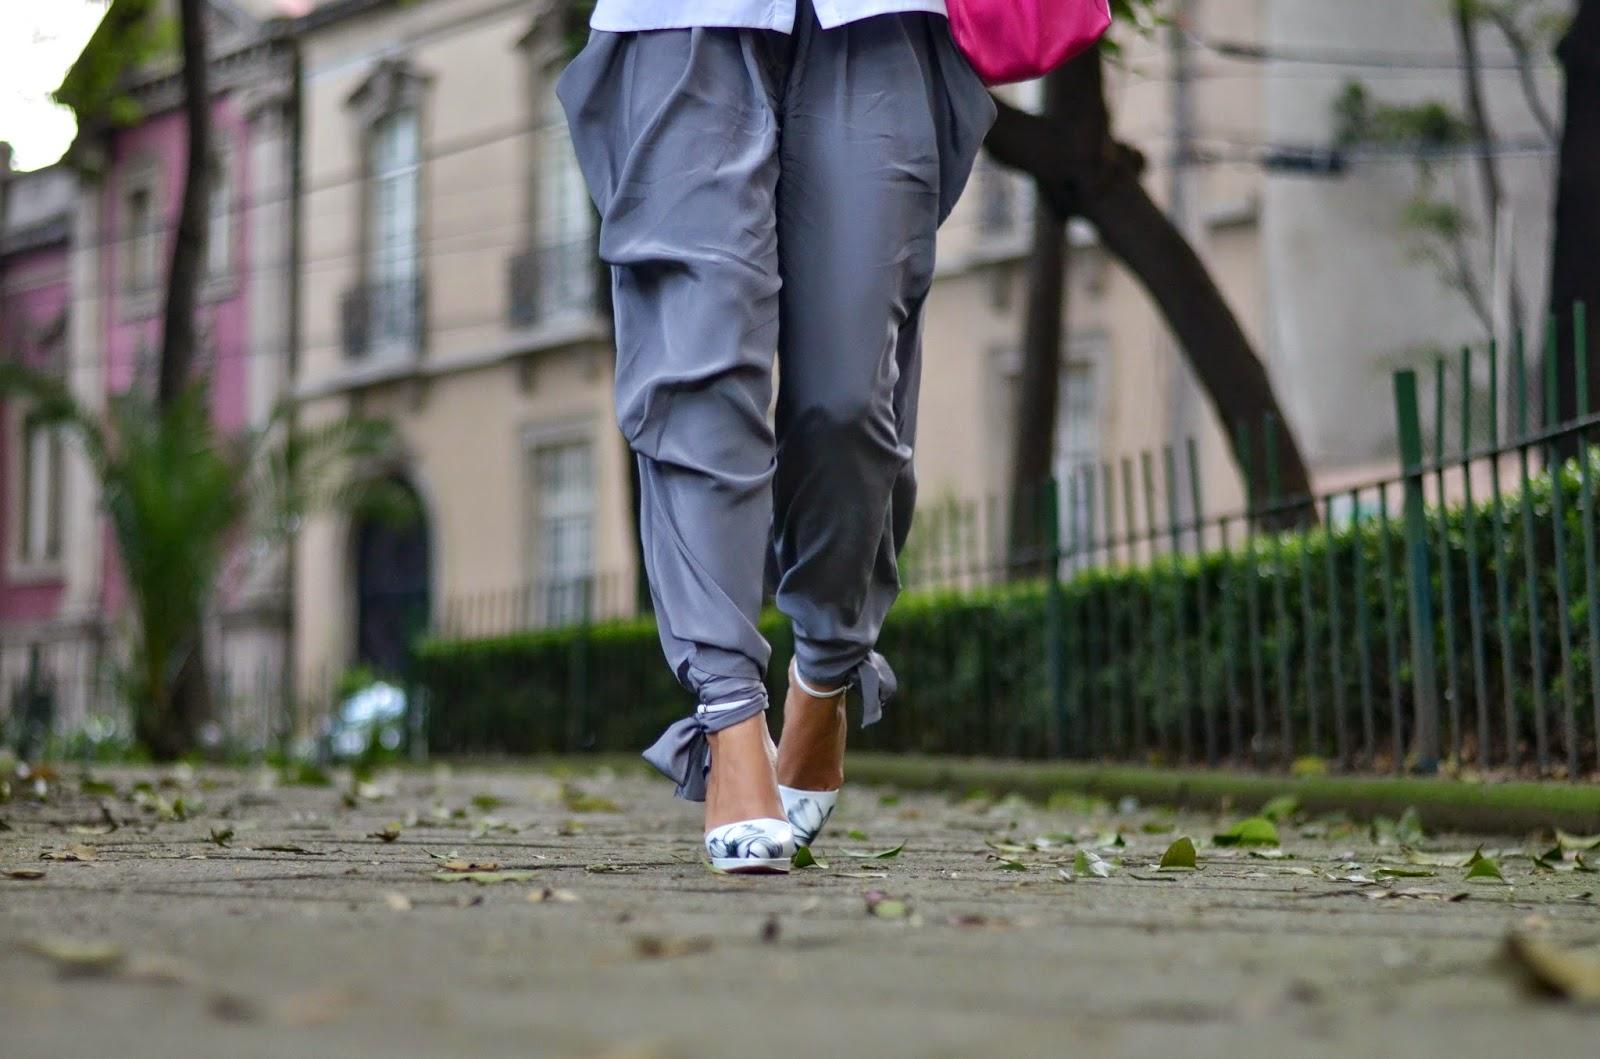 eae4268f3 Playpark - High on Fashion